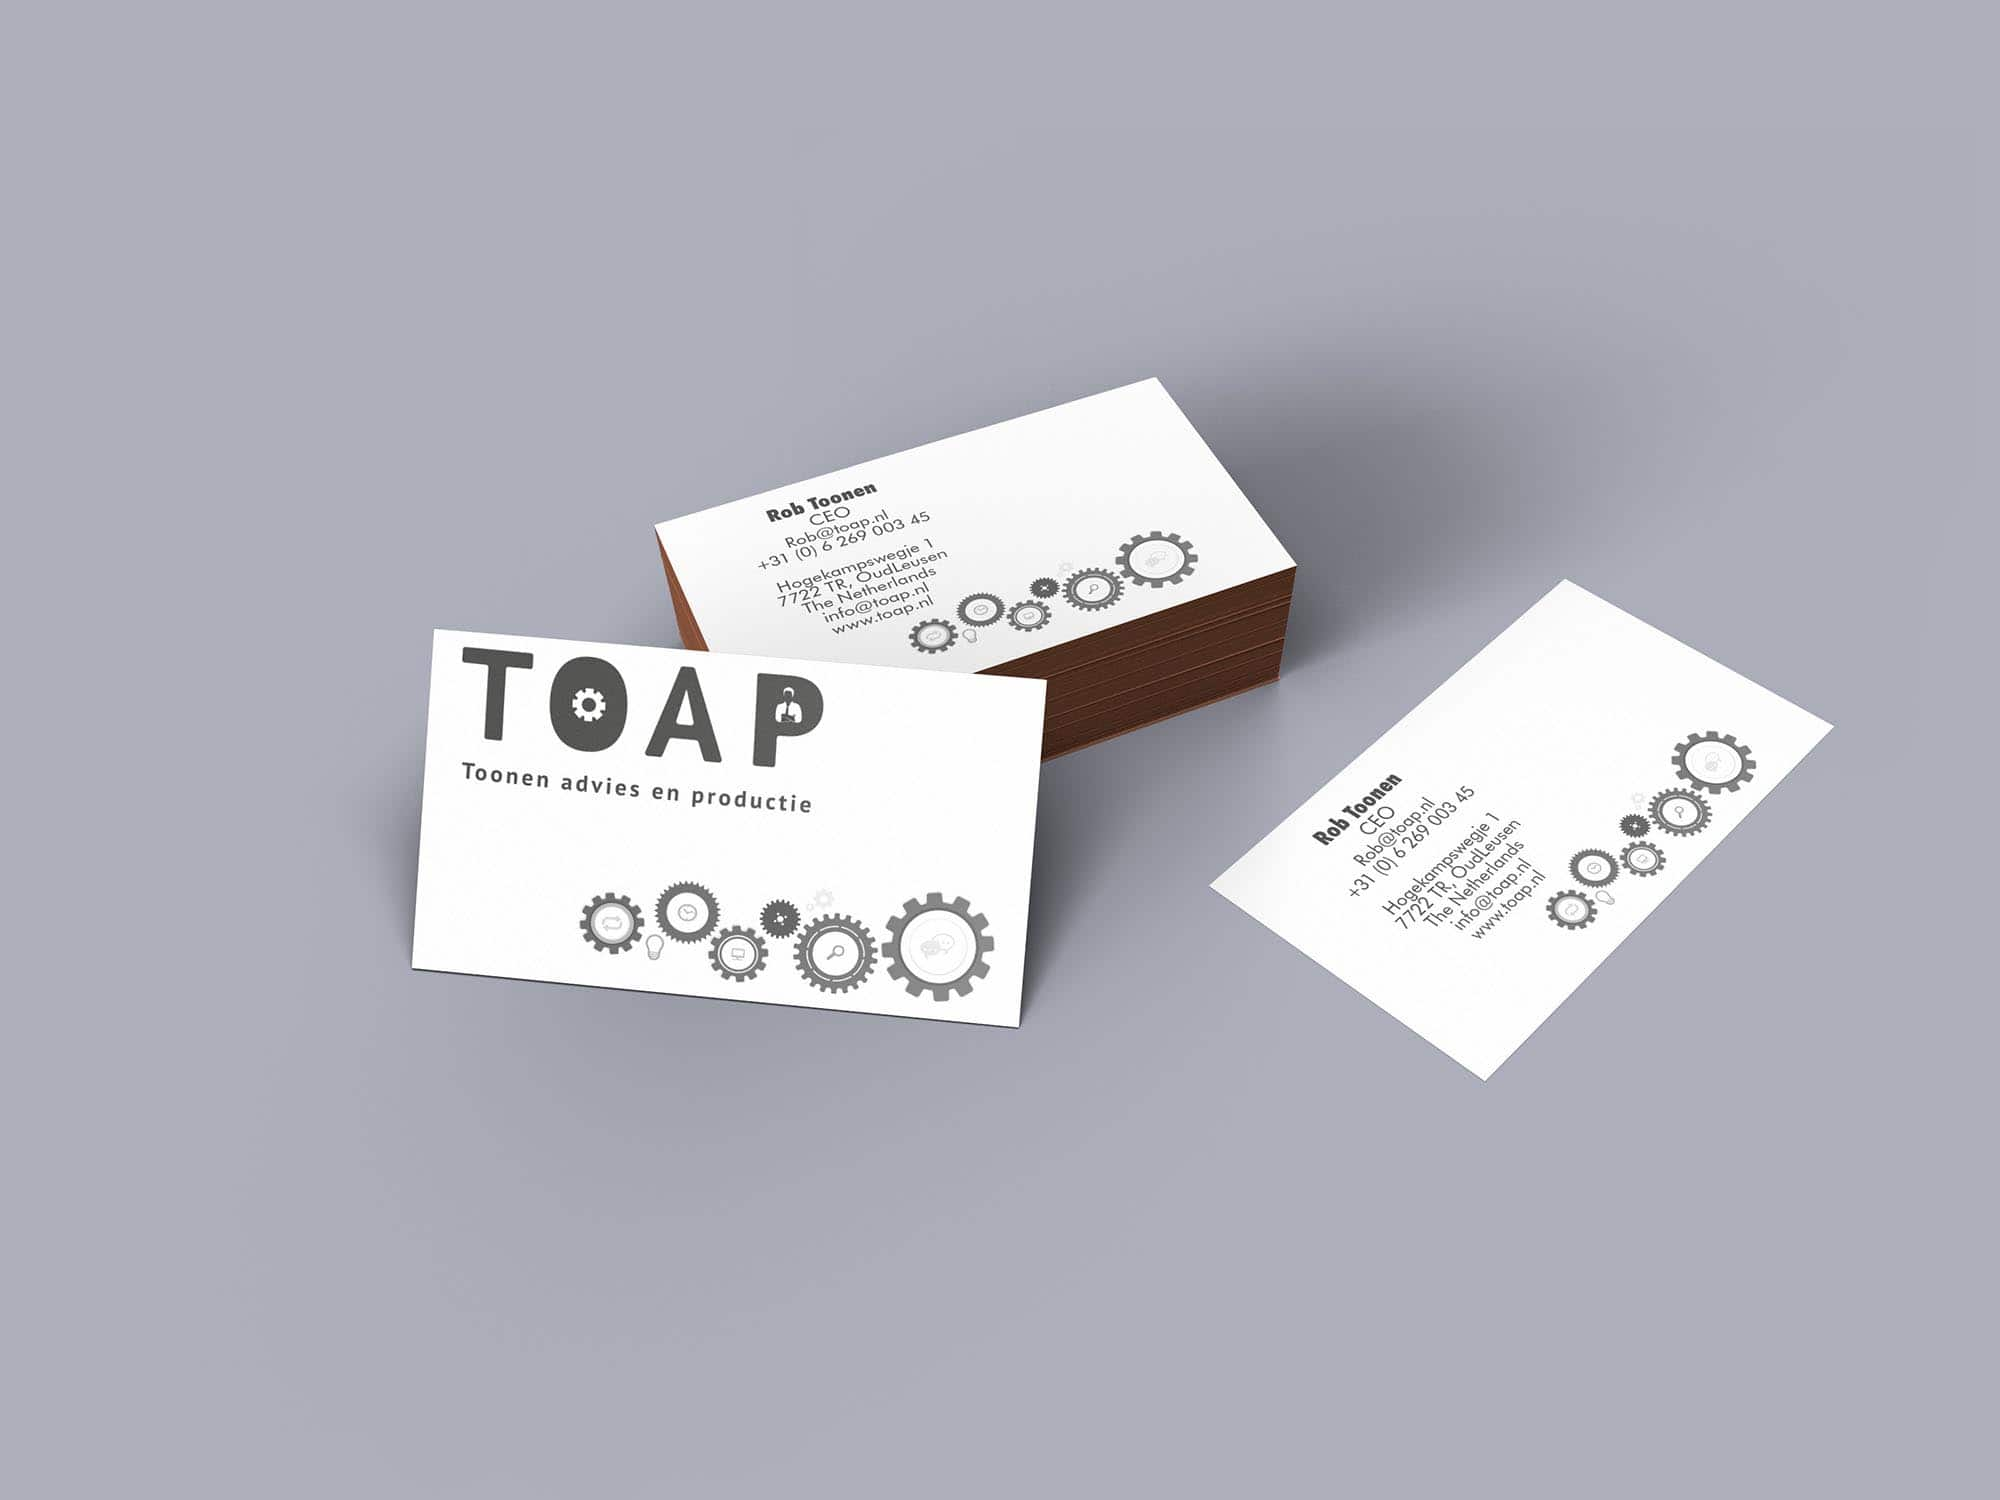 Visitekaartjes Toap